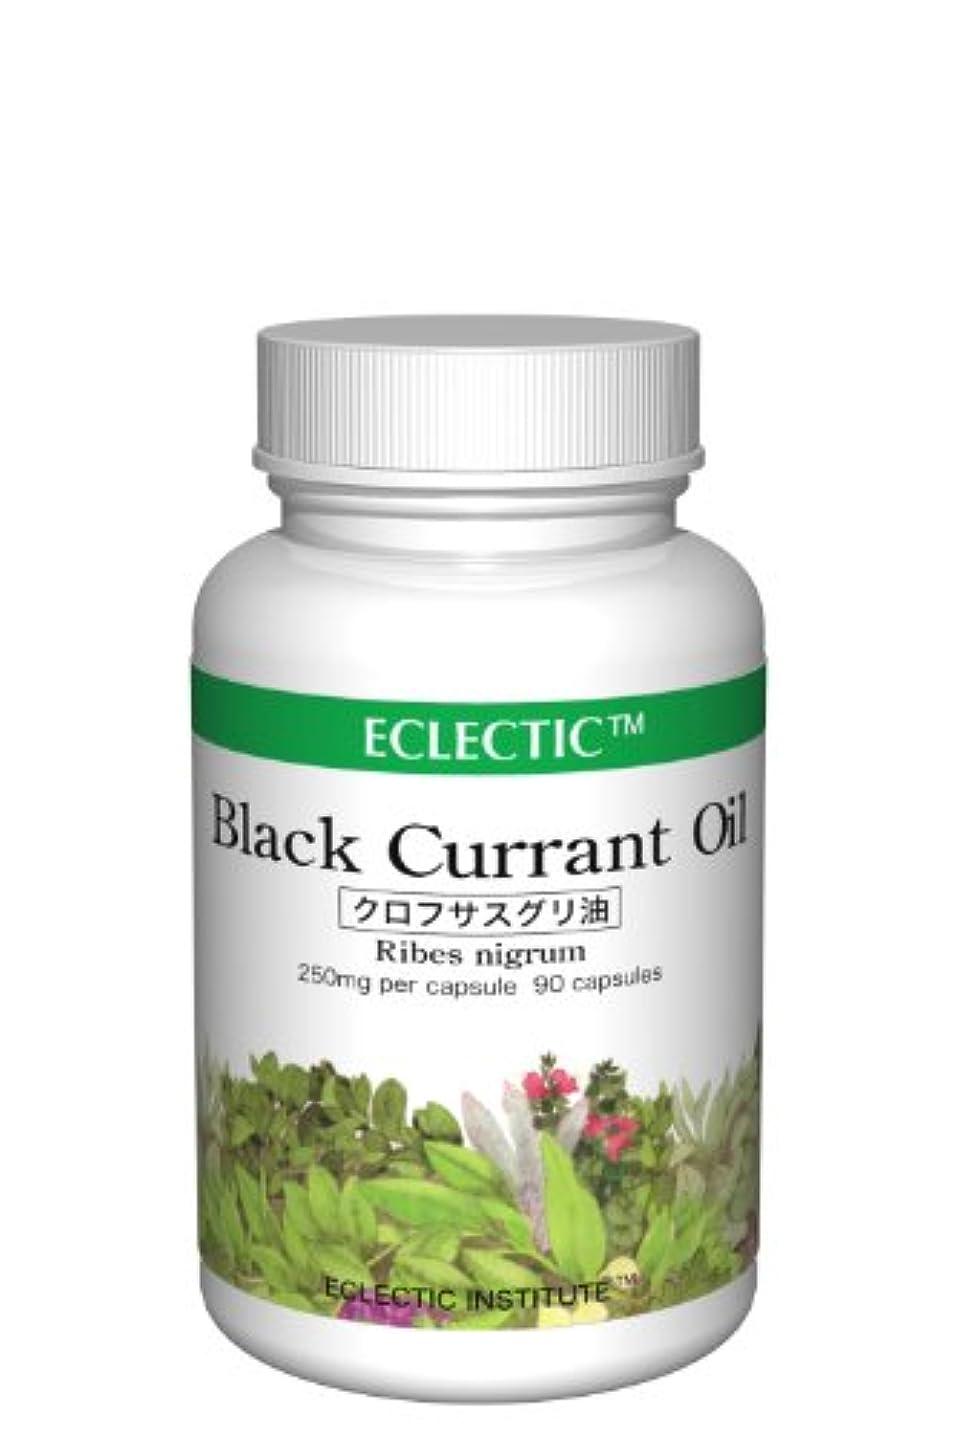 リクルート哲学博士渇きECLECTIC エクレクティック クロフサスグリ油 Black Currant Oil オイル 250mg 90カプセル 新パッケージ